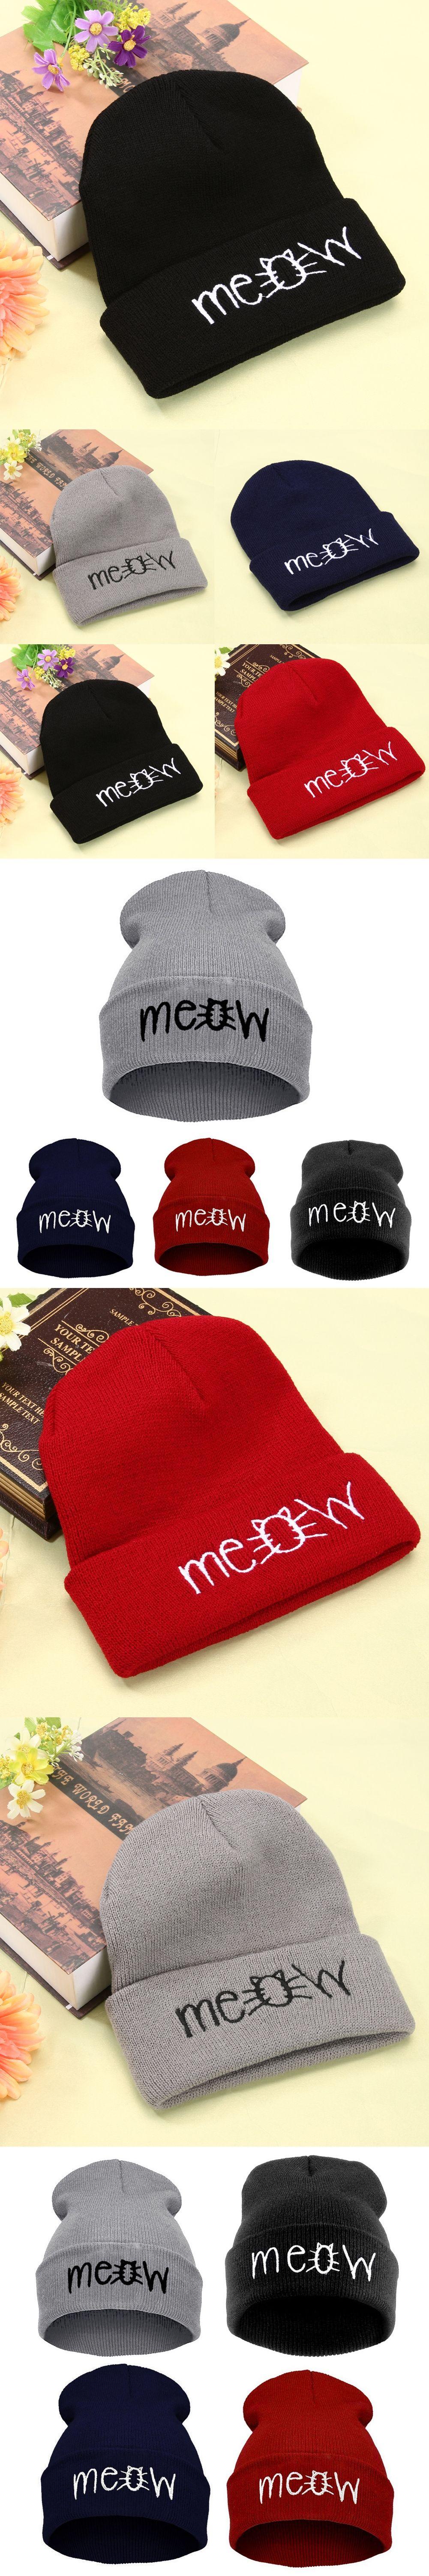 9c82f5cb7b8 KLV Autumn Winter MEOW Cap Men Women s Casual Hip Hop Hats Knitted Wool  Skullies Beanies Hat